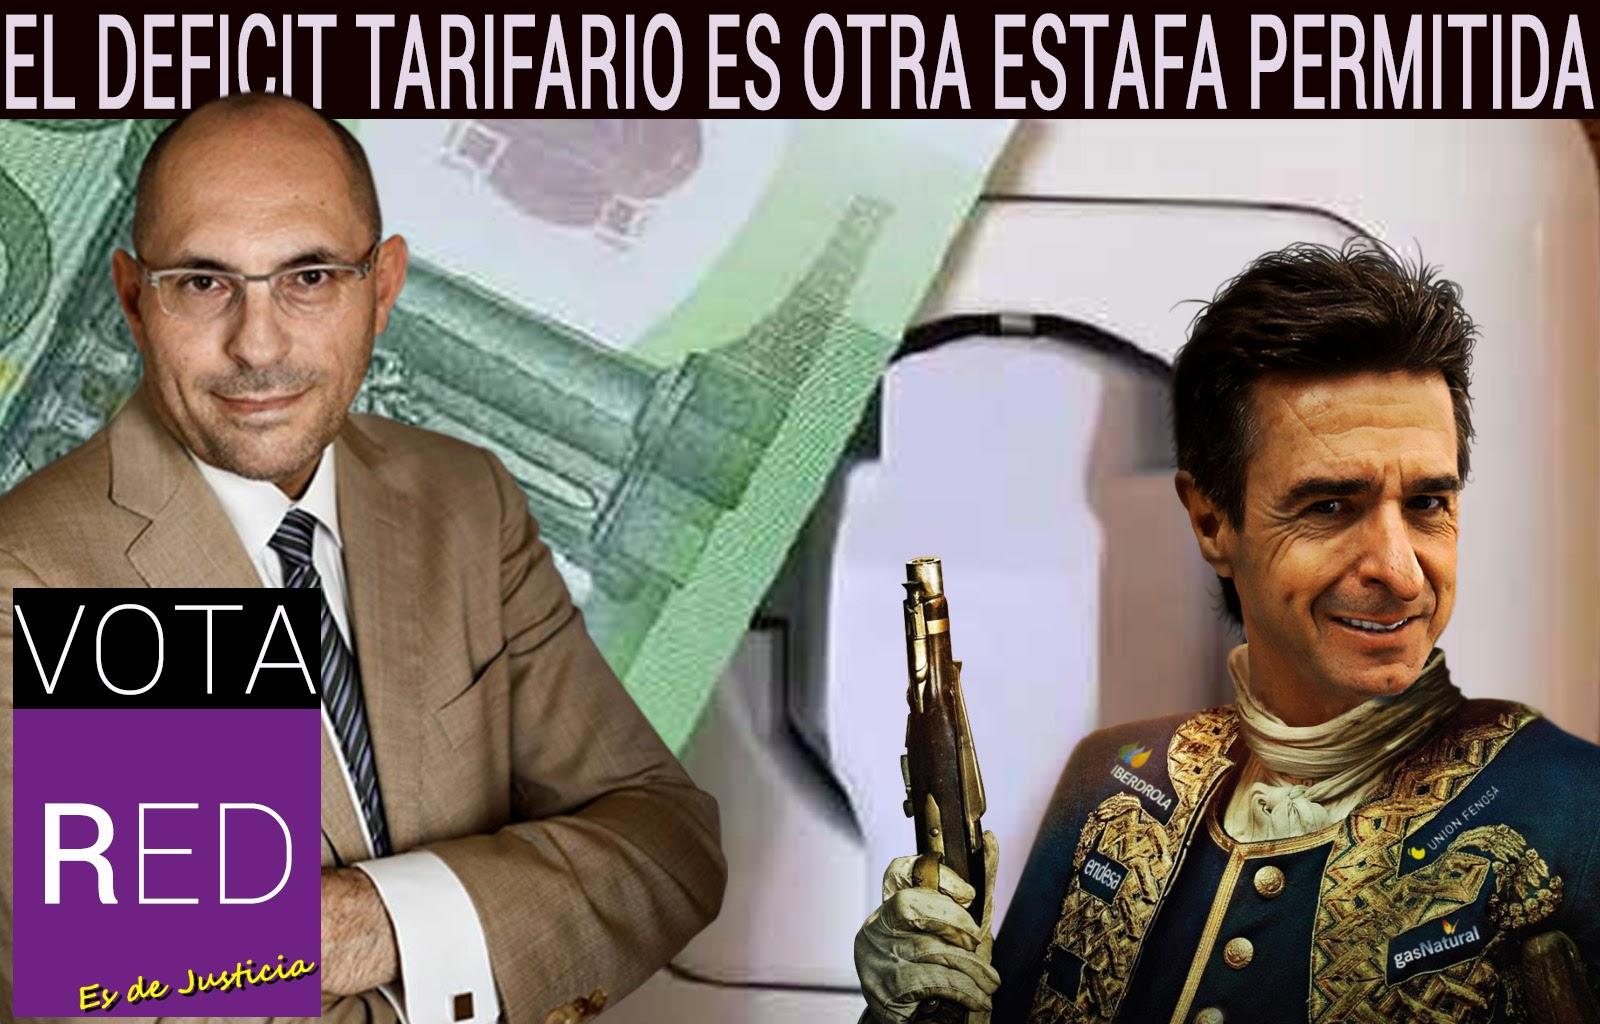 El deficit tarifario es otra estafa permitida, Elpidio Silva, Movimiento RED